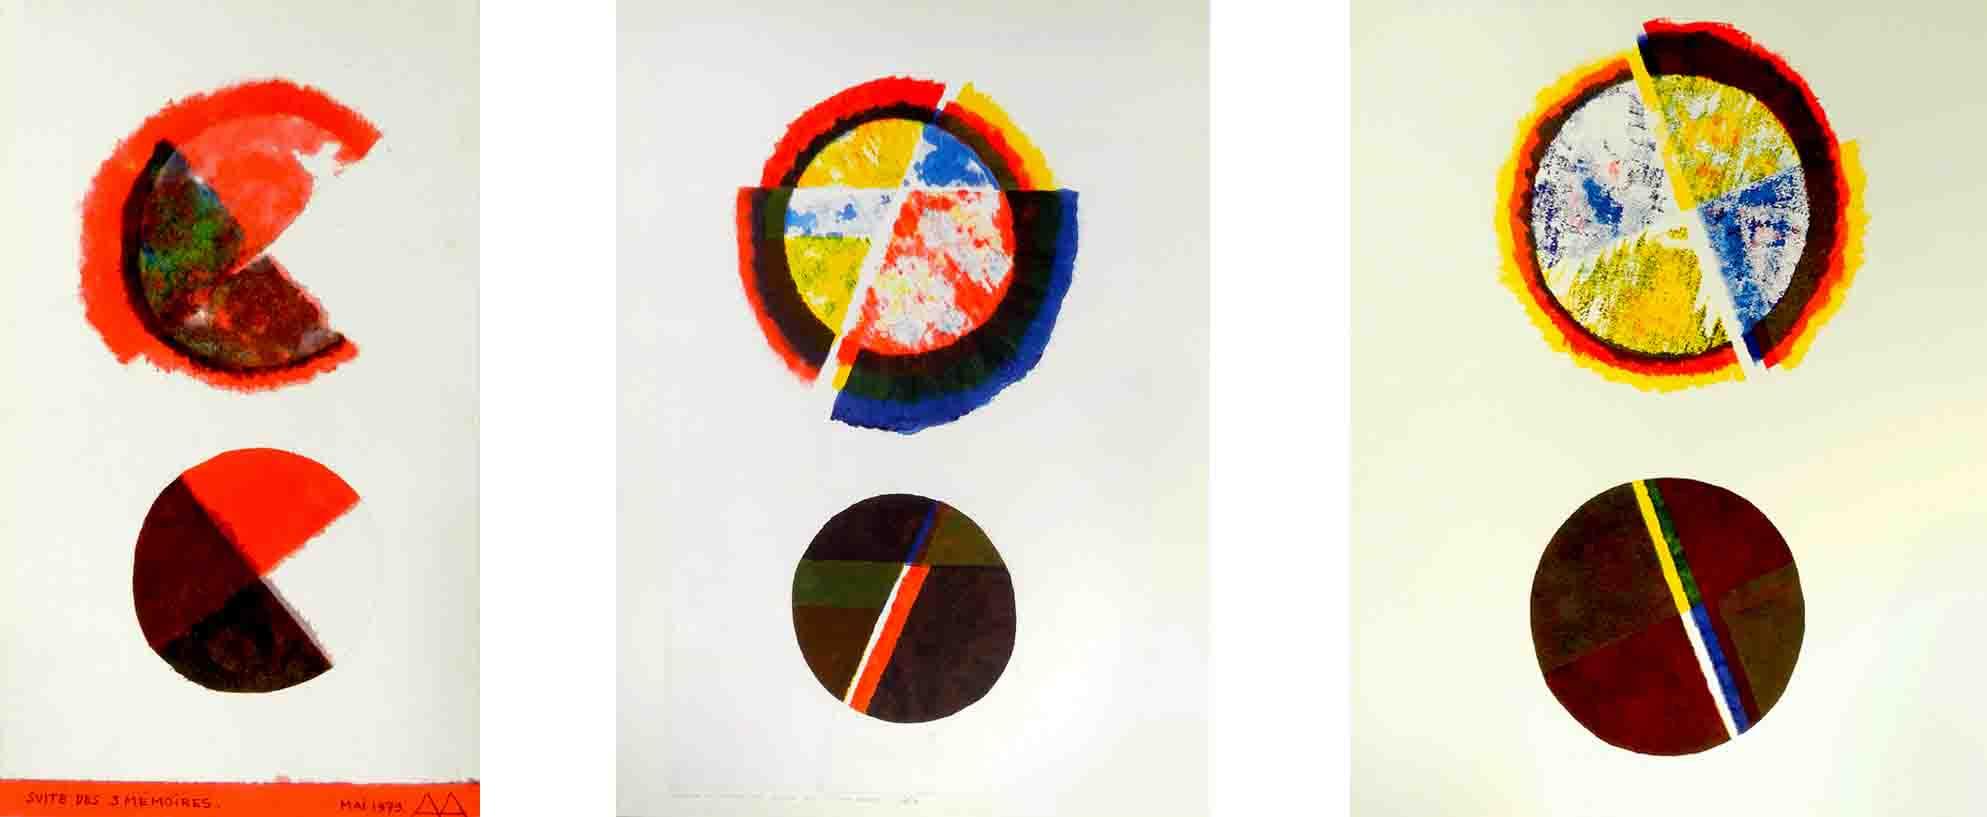 ALBERT AYME - Suite des Trois Mémoires - 3 temps peints - 1980, 1979